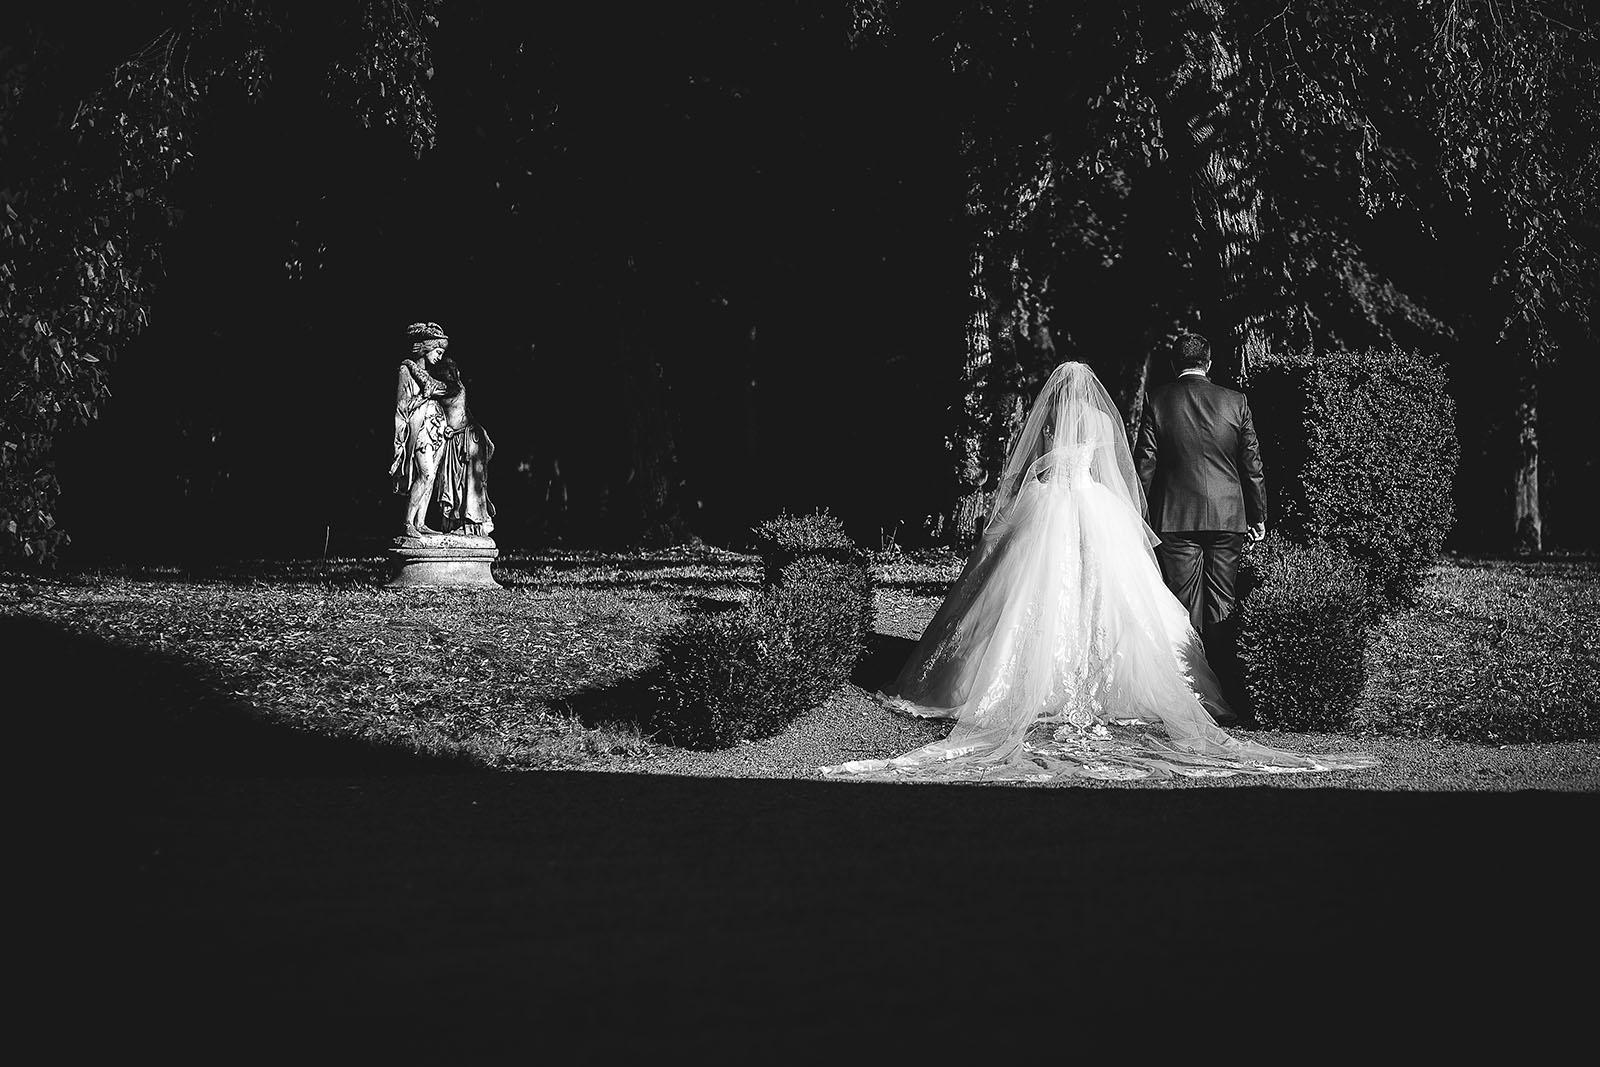 Mariage au Château de Beguin David Pommier photographe de mariage. Les mariés dans le parc